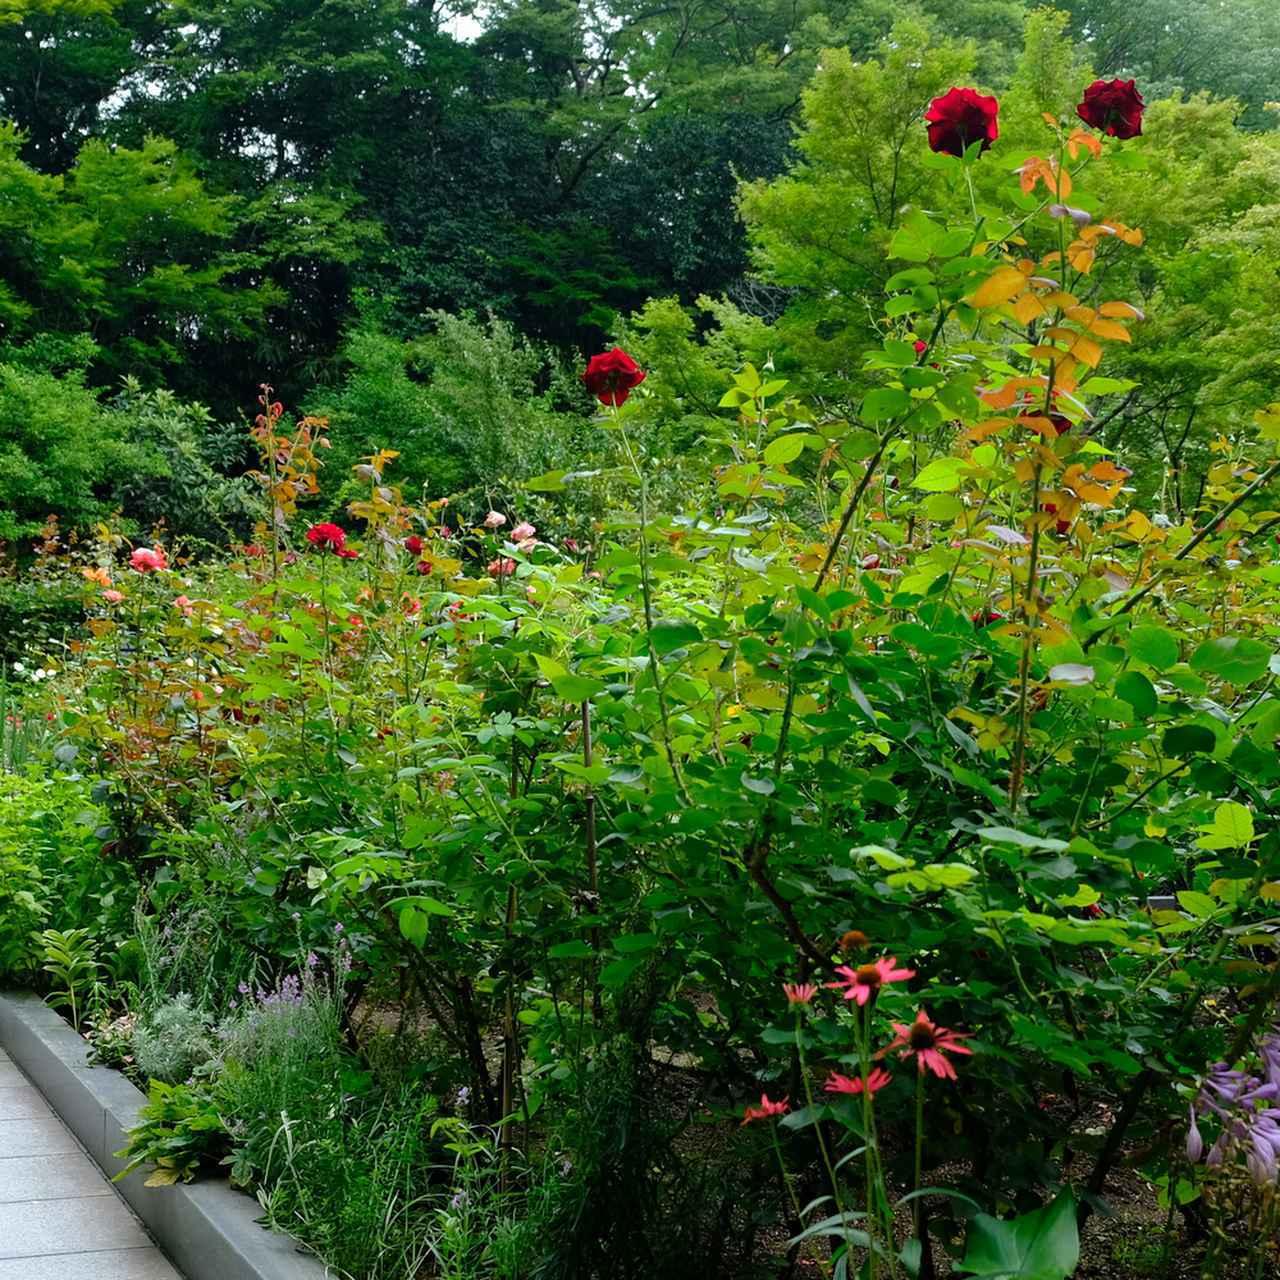 画像: 支倉常長が伝えたという洋バラにちなみ、また、霊屋にも描かれているという由縁でつくられたバラ園。バラ園を持つお寺は日本中くまなく探してもなかなか無く、オリジナリティを感じます。